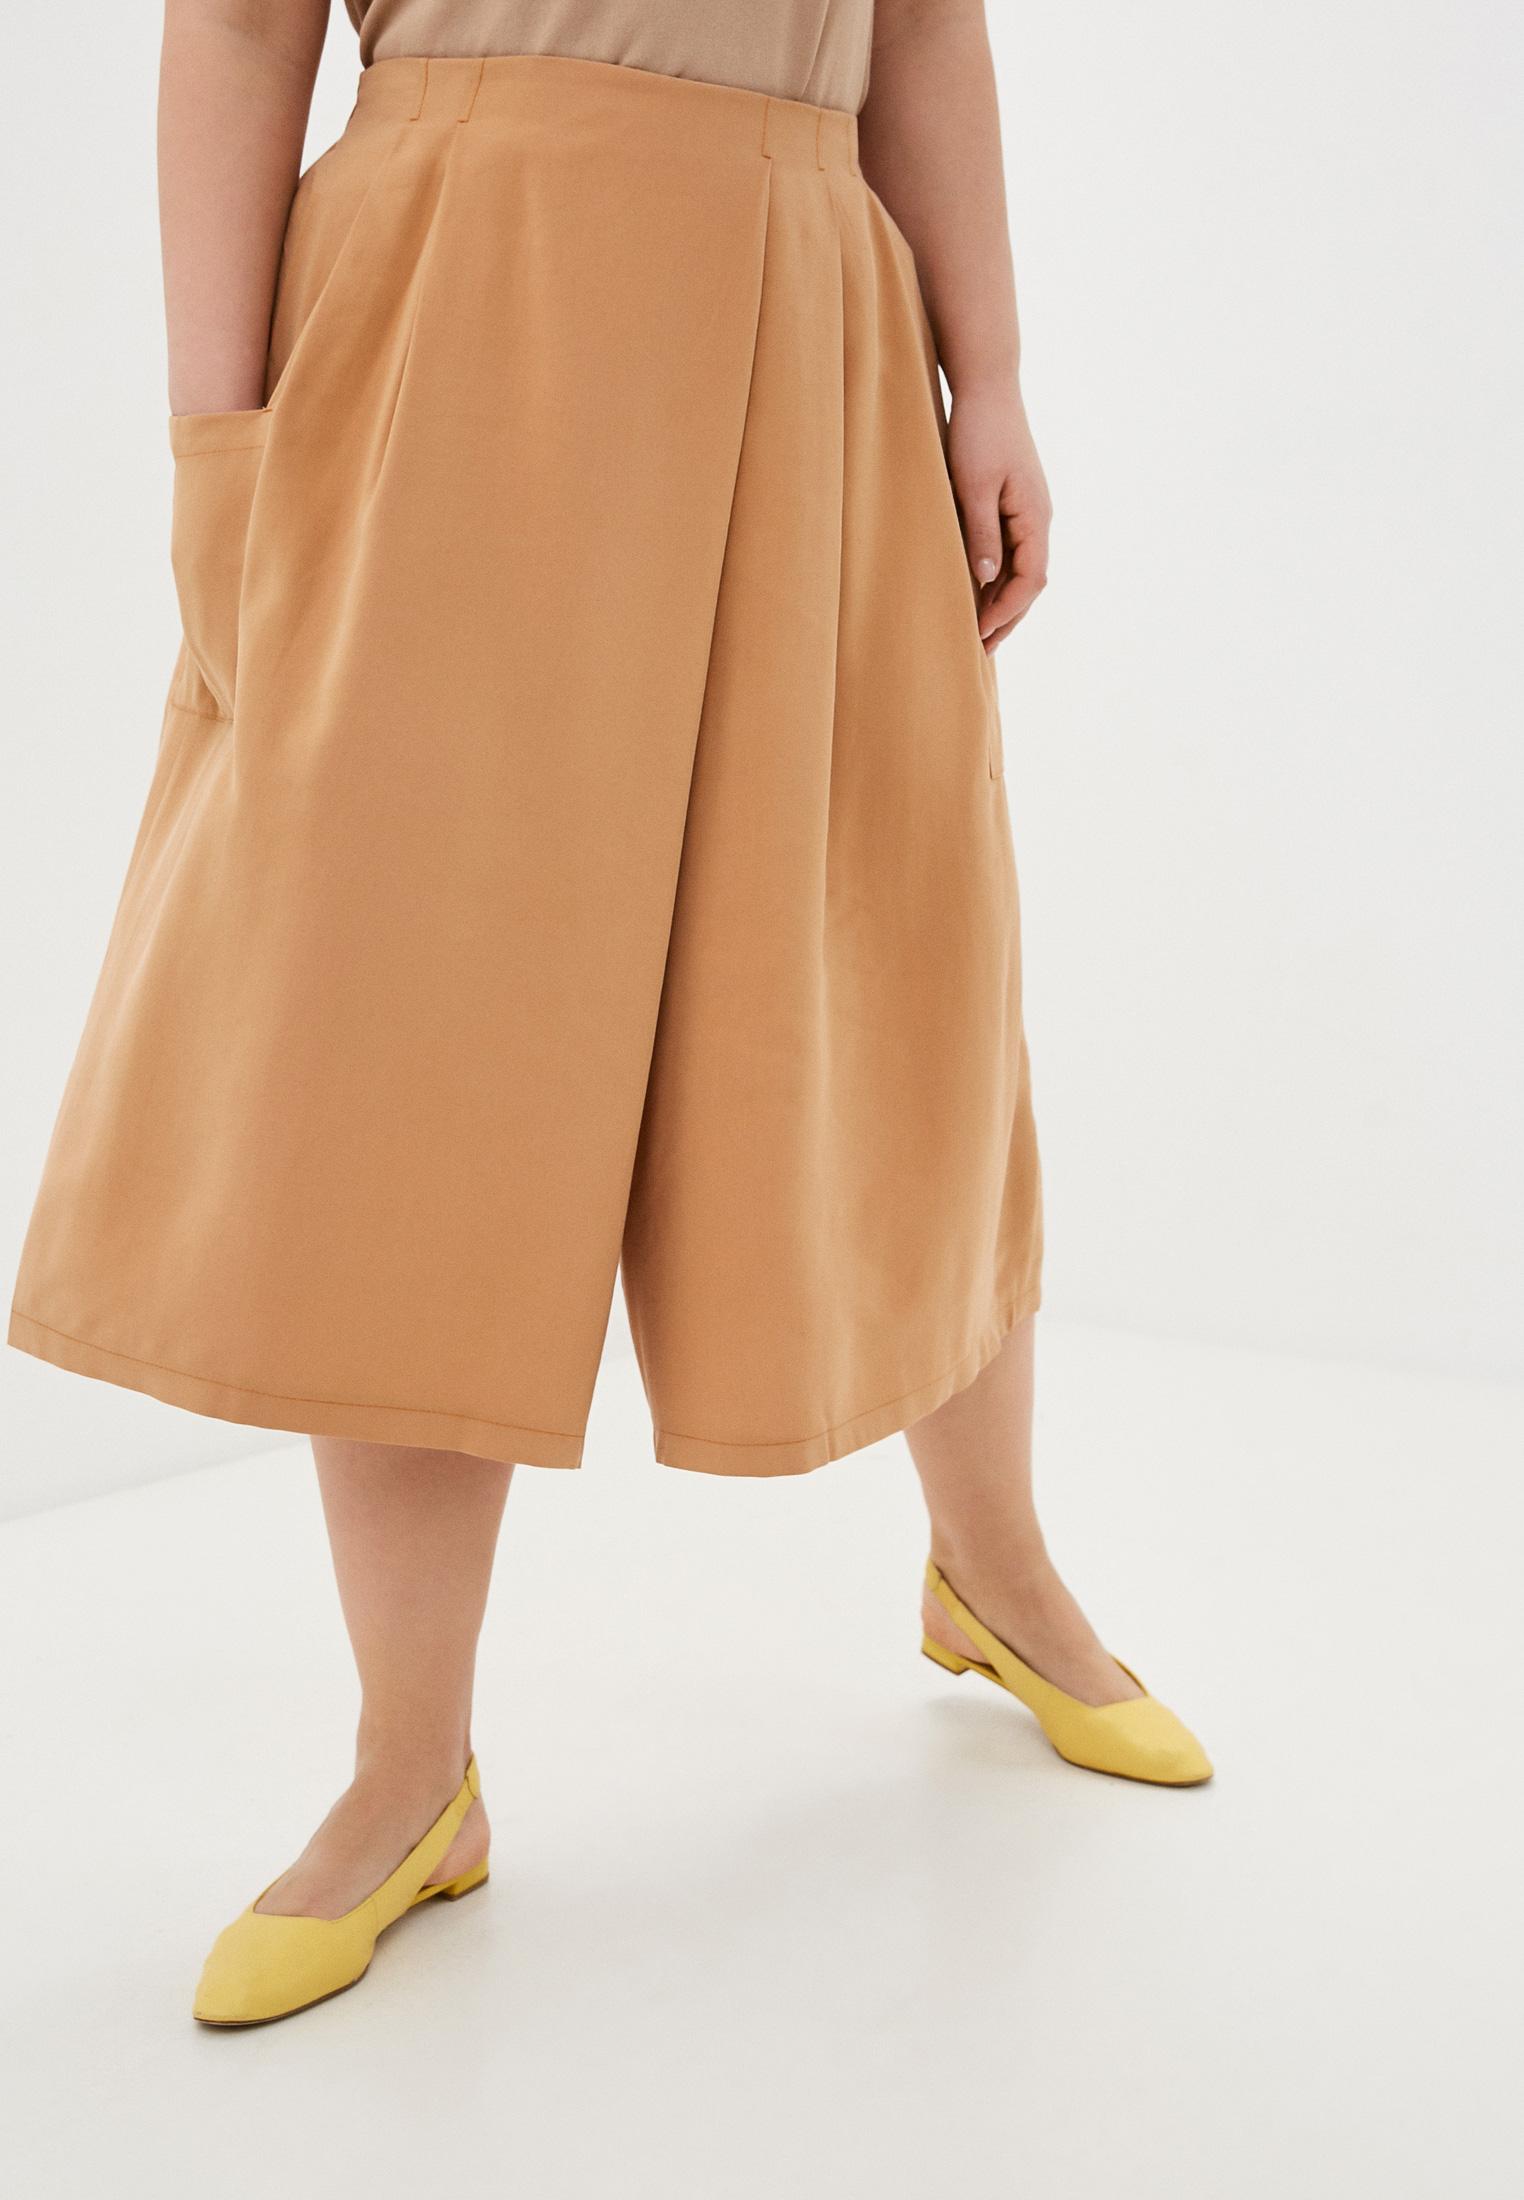 Женские широкие и расклешенные брюки Nataliy Beate Брюки мод.403: изображение 1